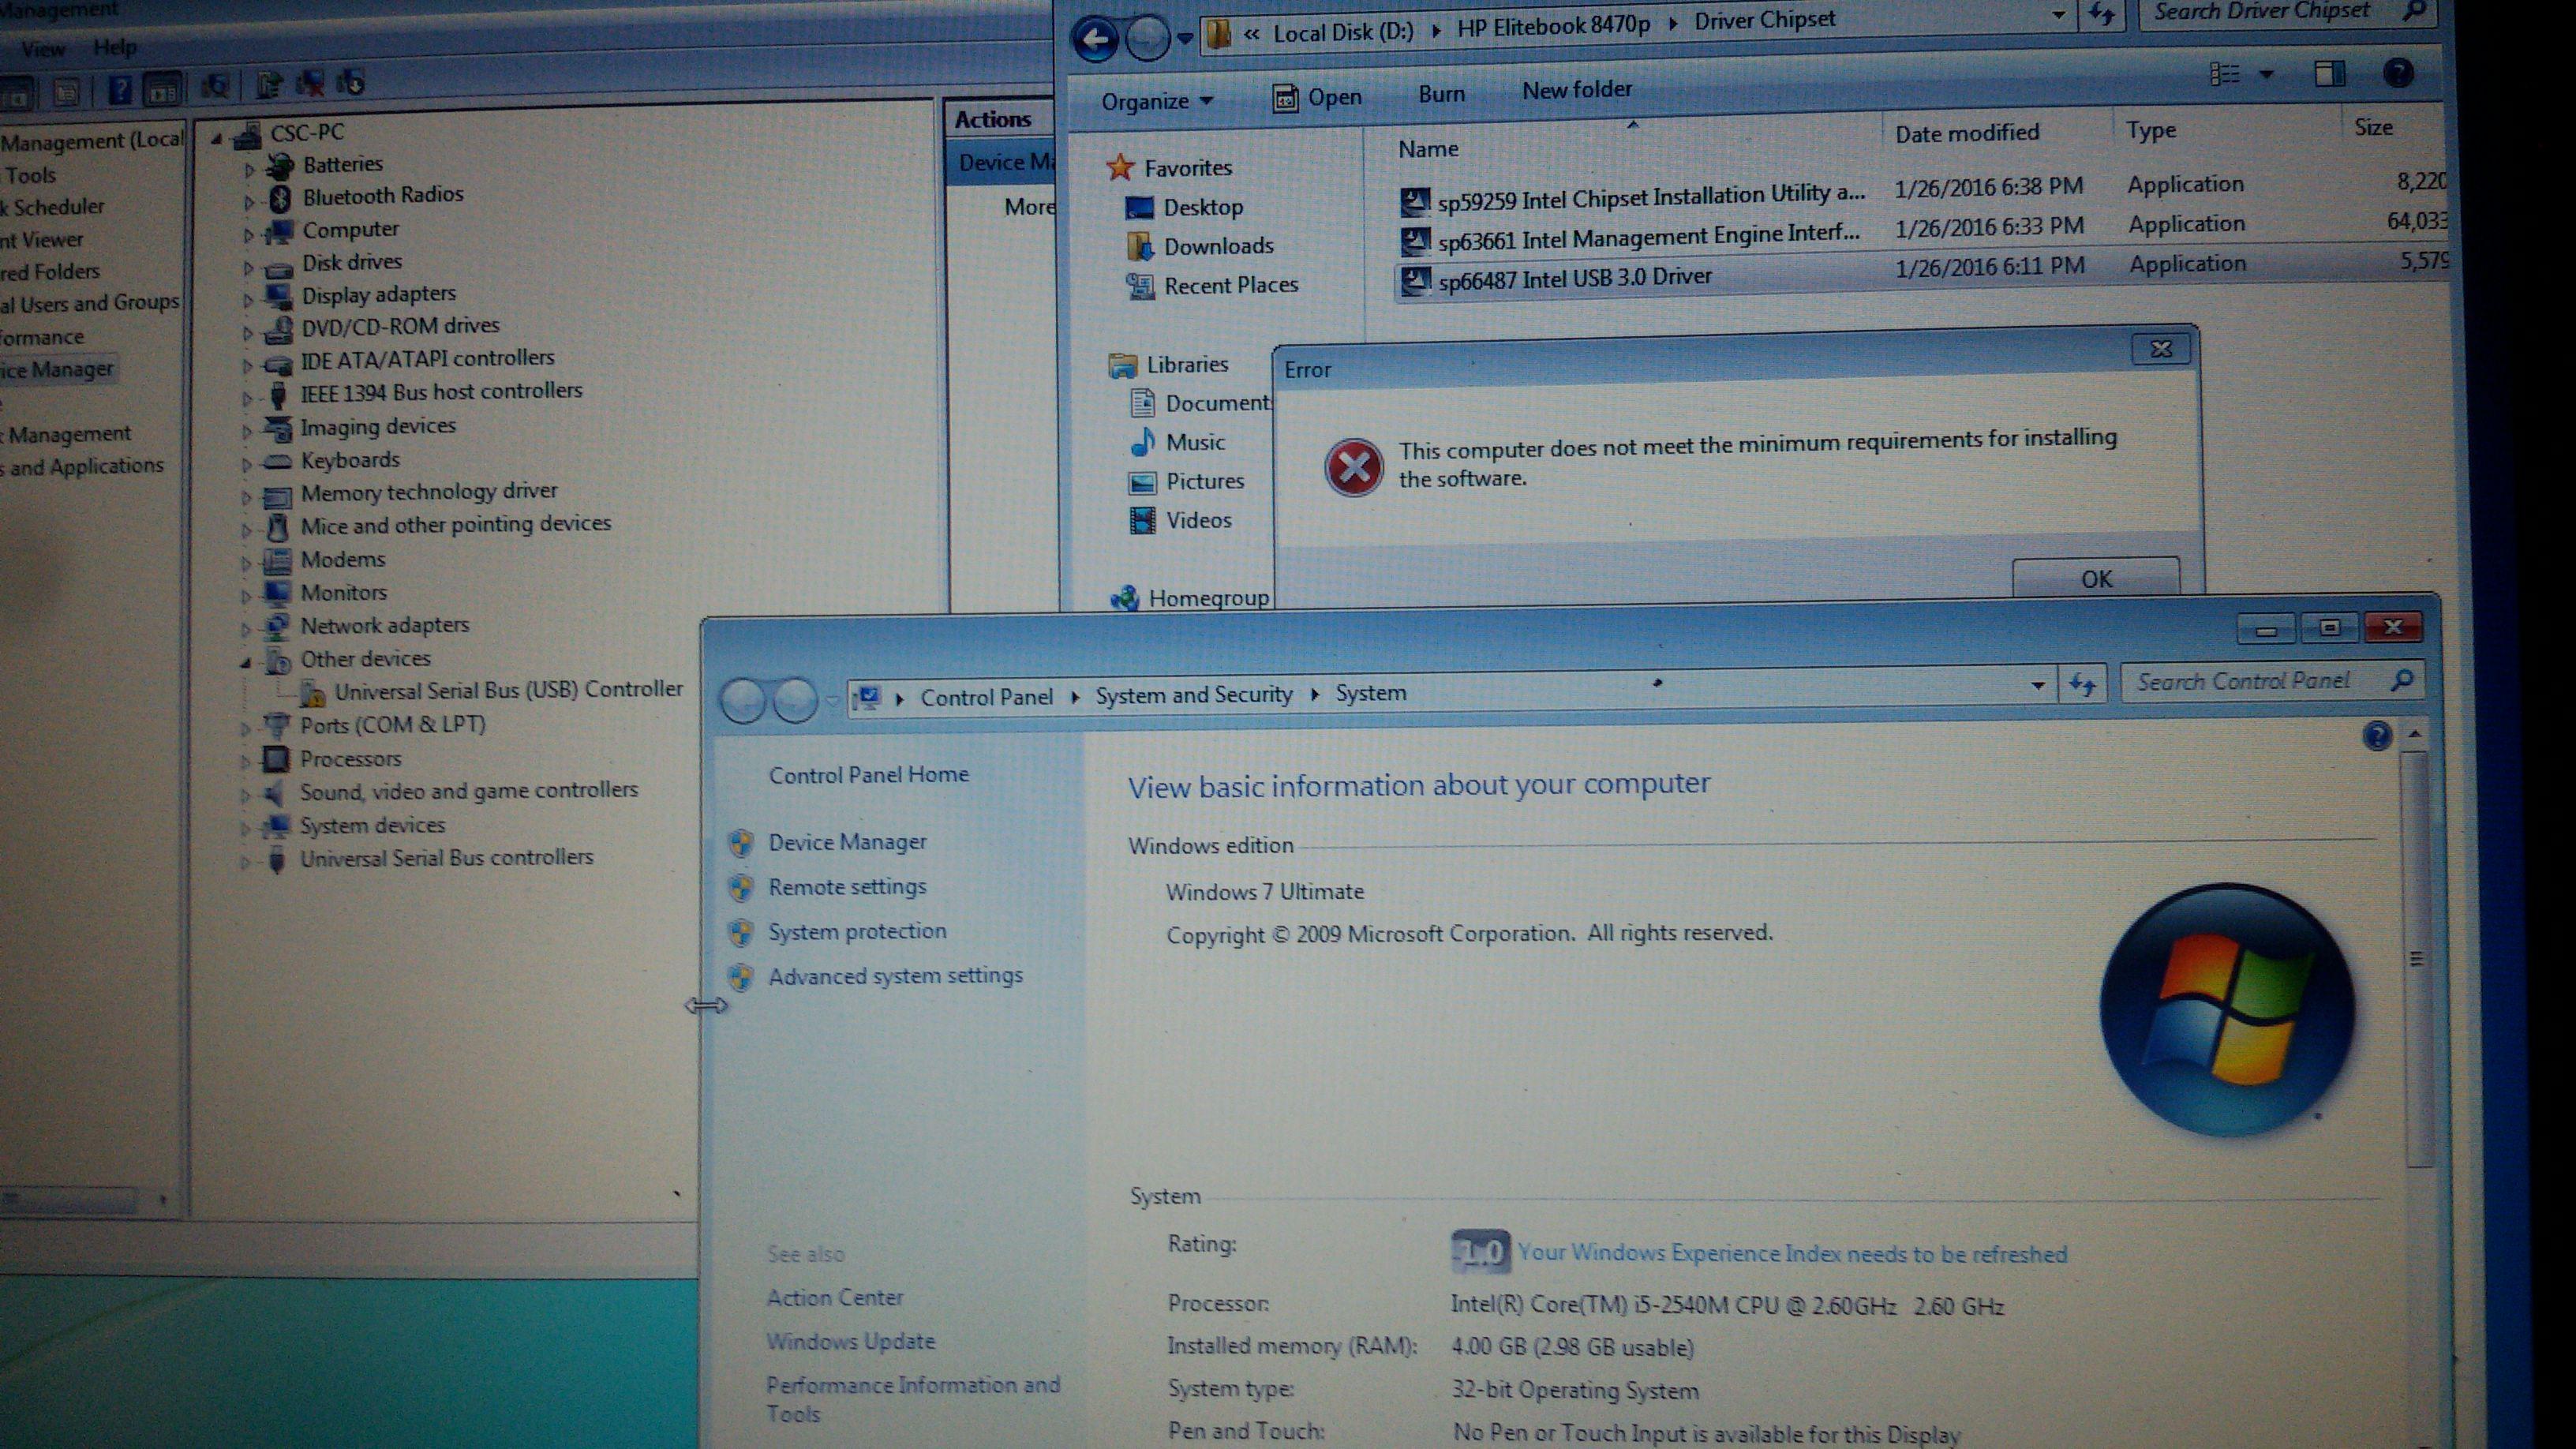 USB 3.0 Driver Error on Window7-32 Bit.jpeg